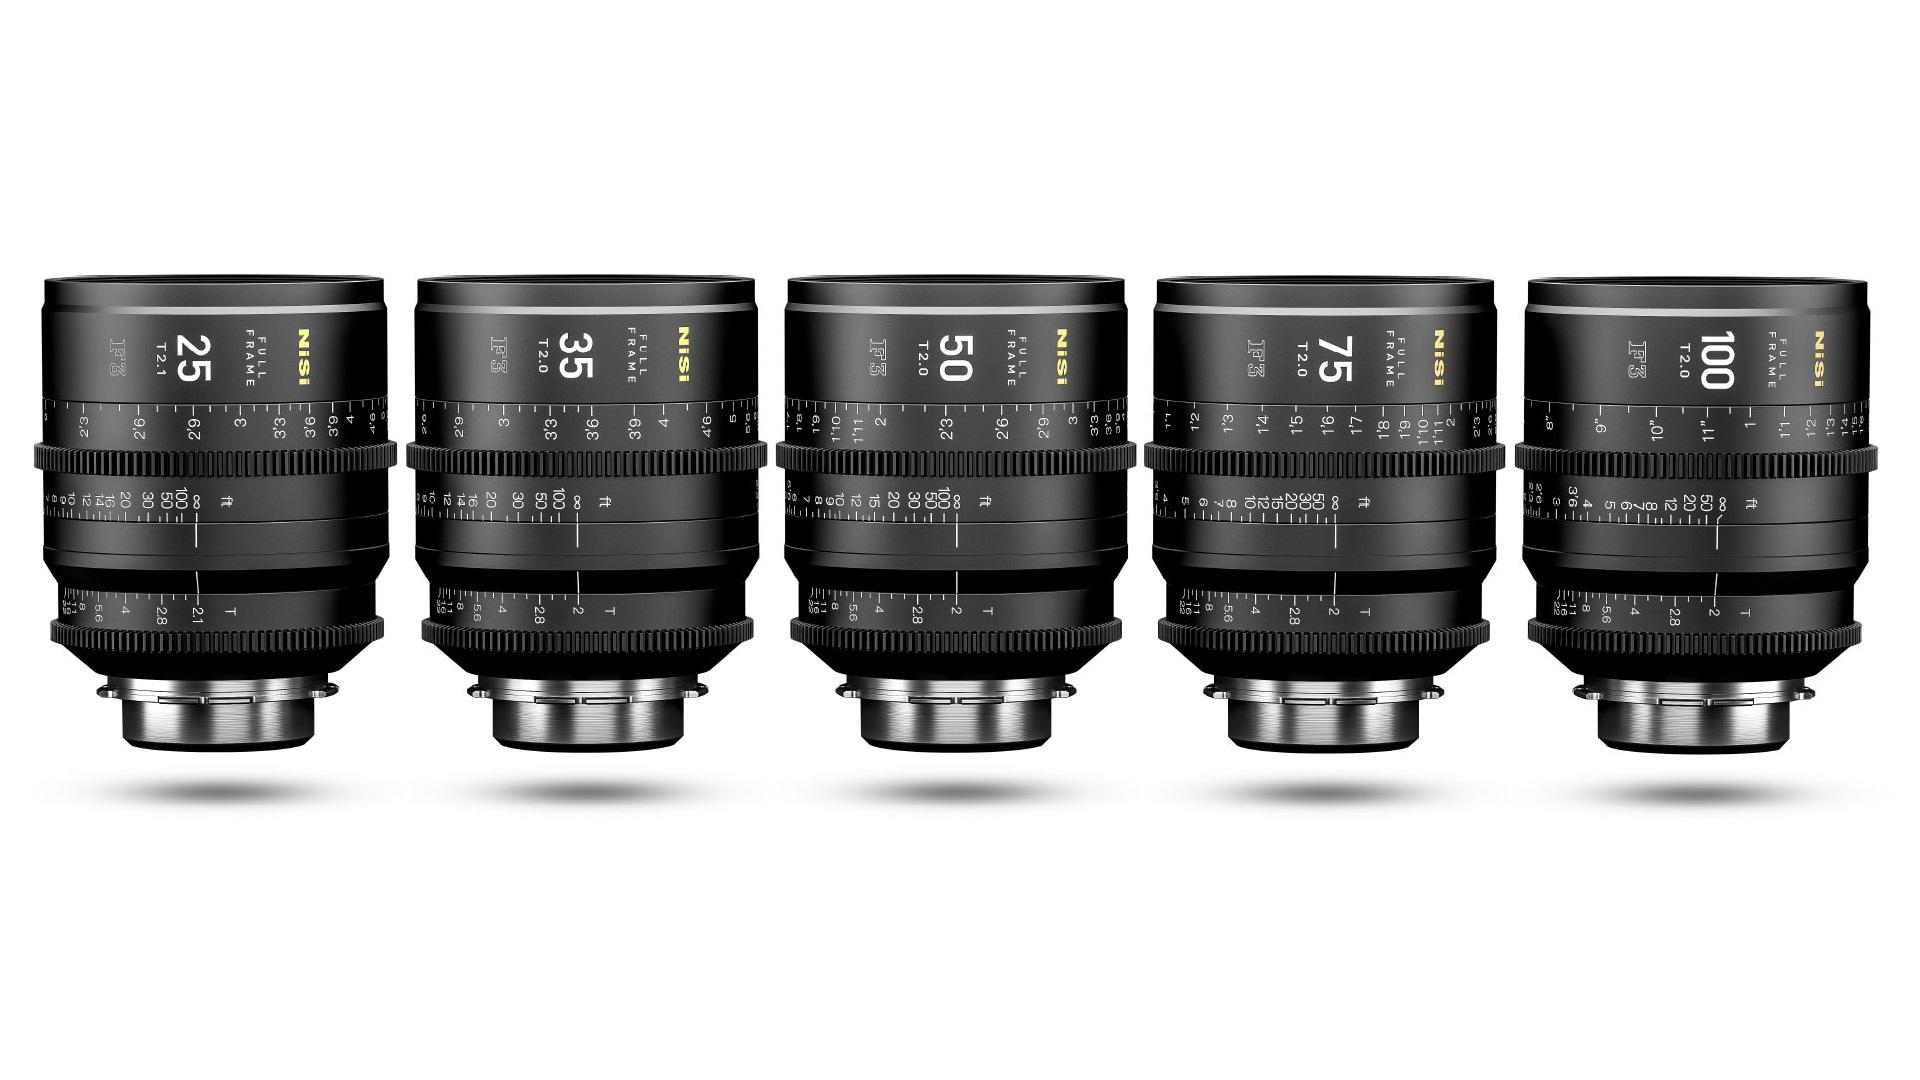 NiSi F3 Full Frame Cinema Prime Lenses Announced | cinema5D